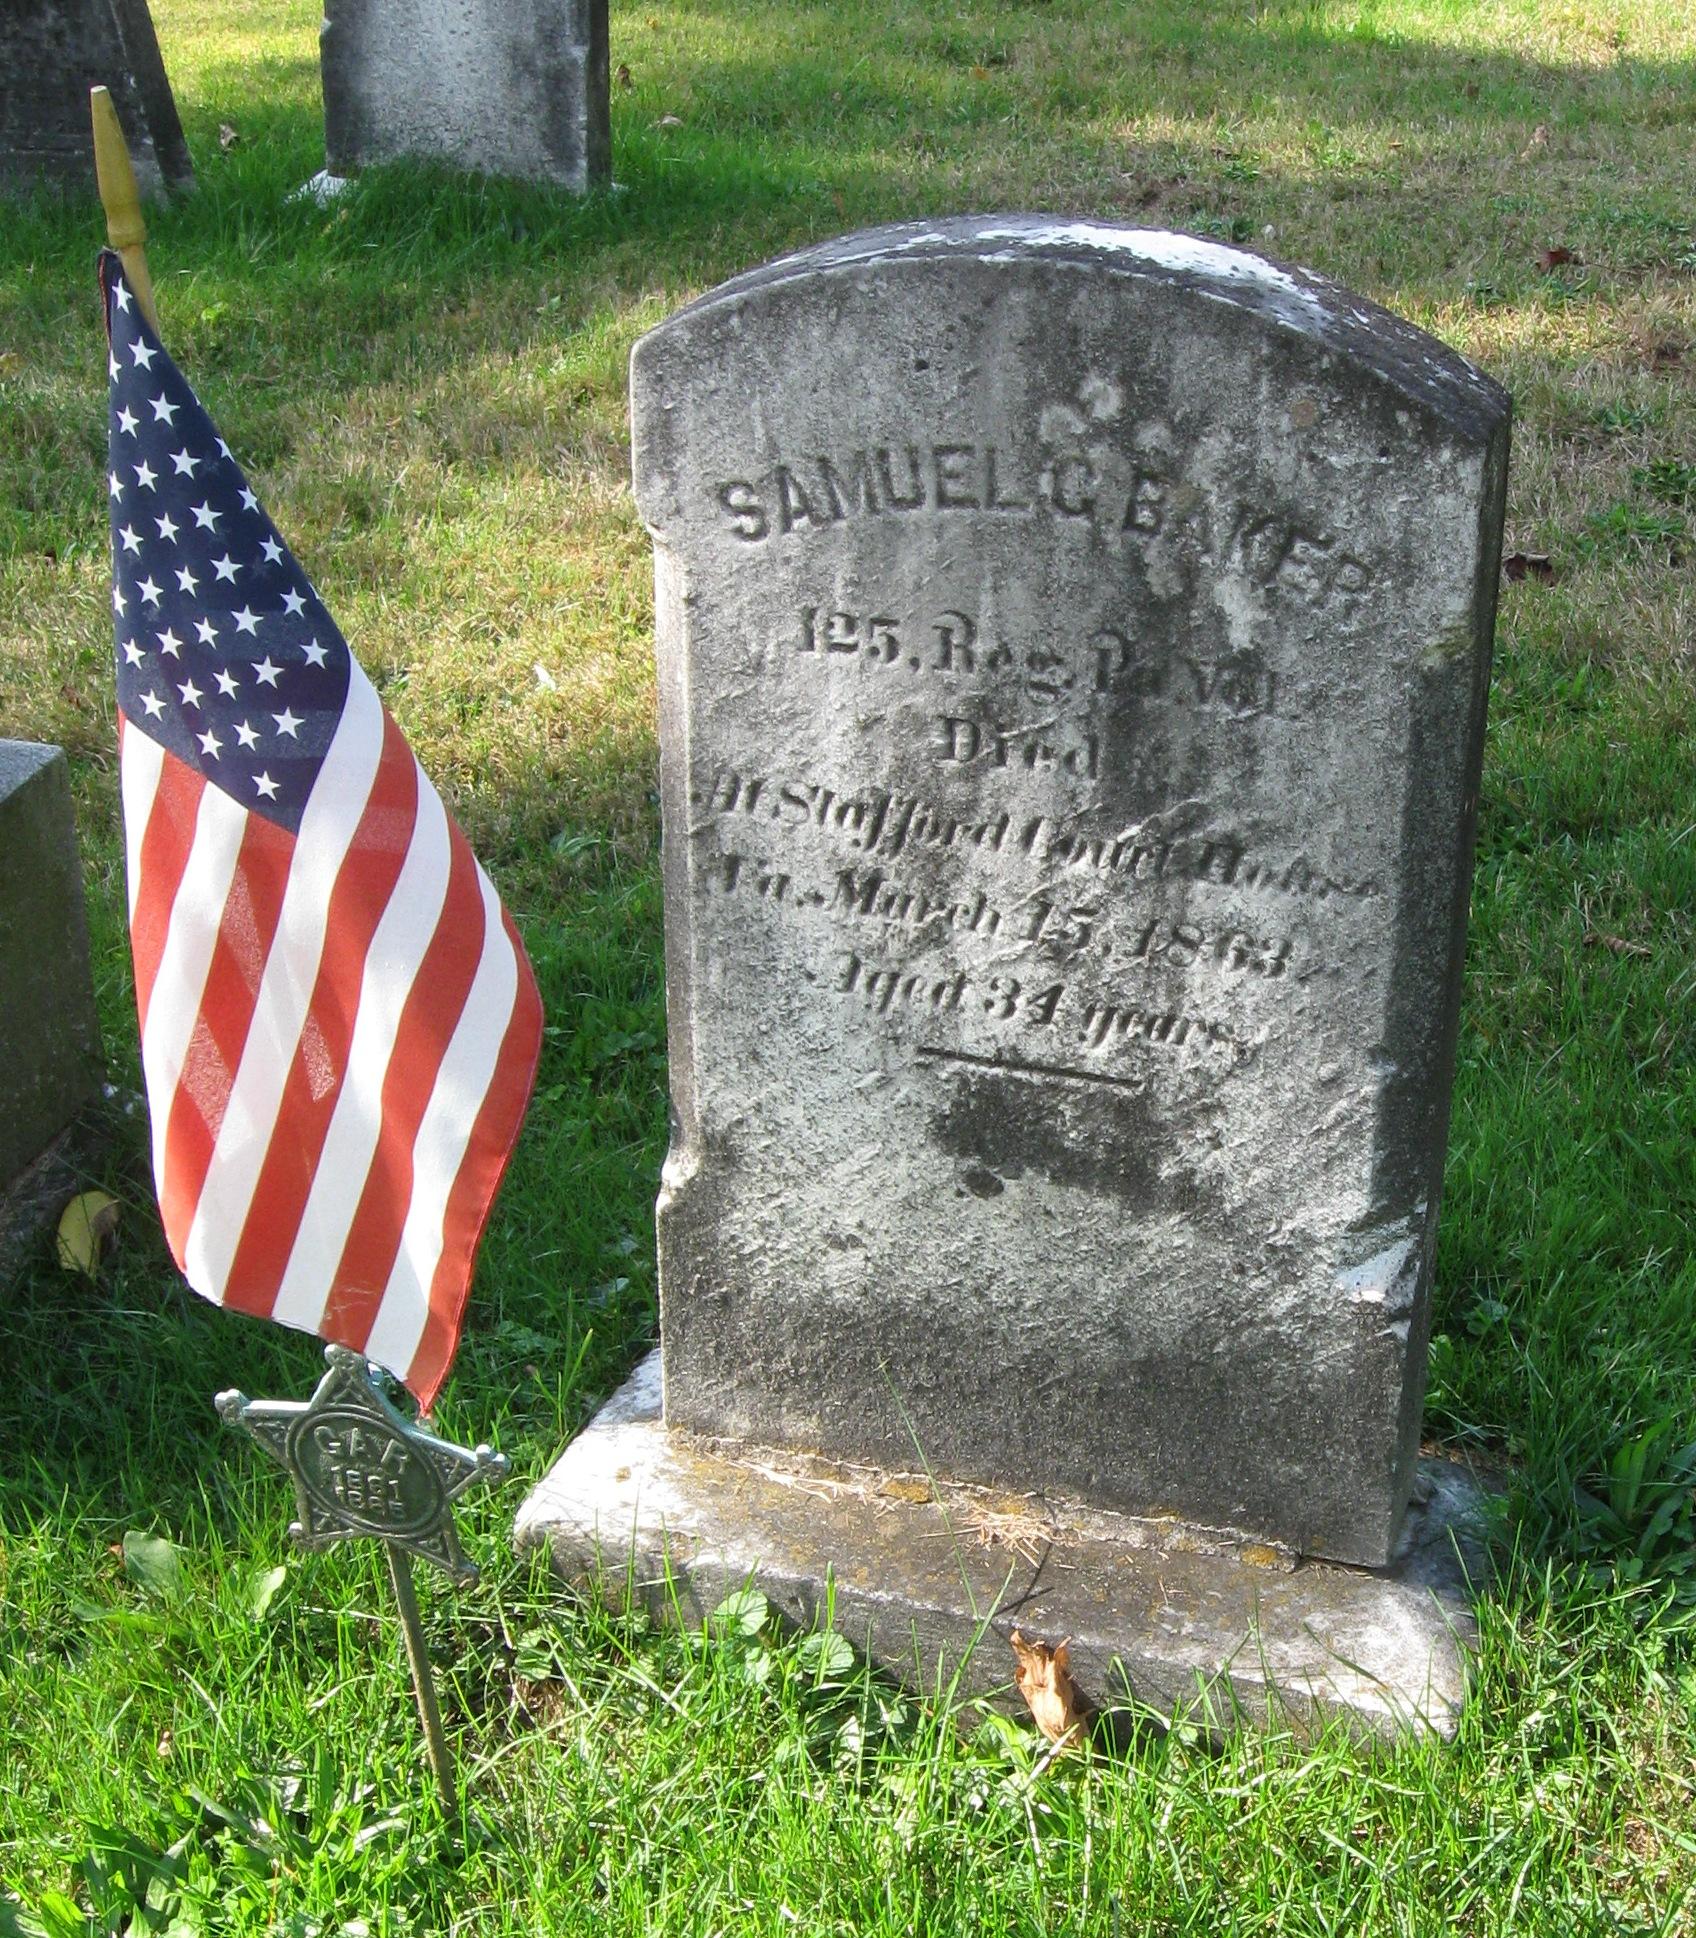 Samuel G. Baker